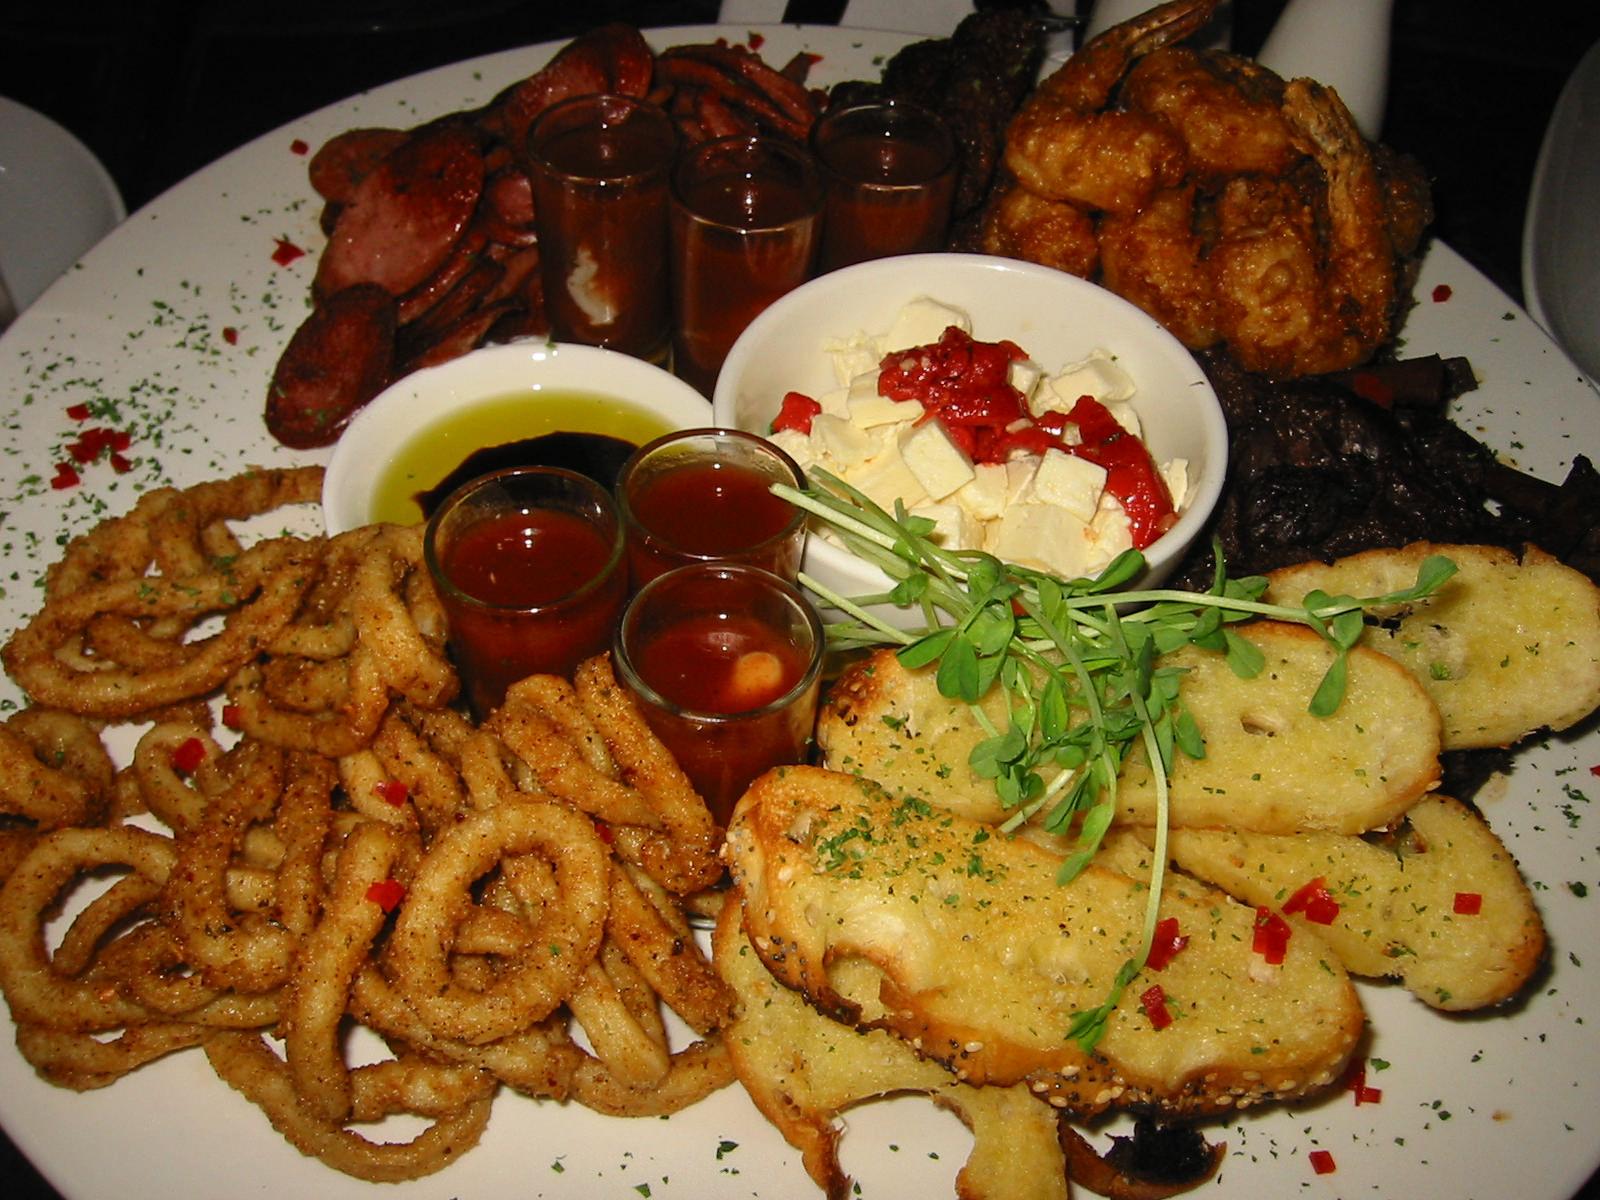 Taste Plate angle 1